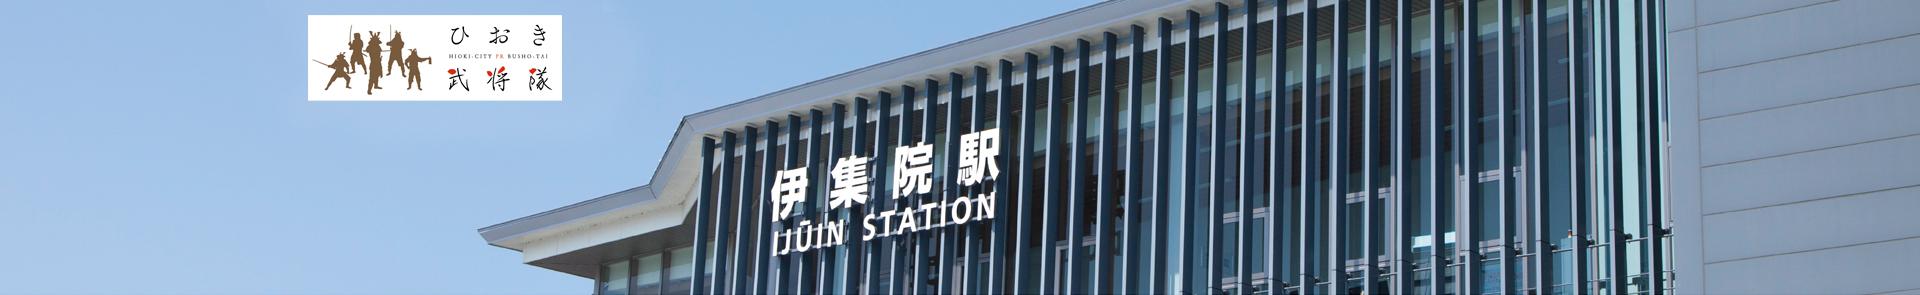 日置市へのアクセス-히오키시는 전국시대 팬들에게 매력적인 도시를 만들기 위해 노력하고 있습니다!